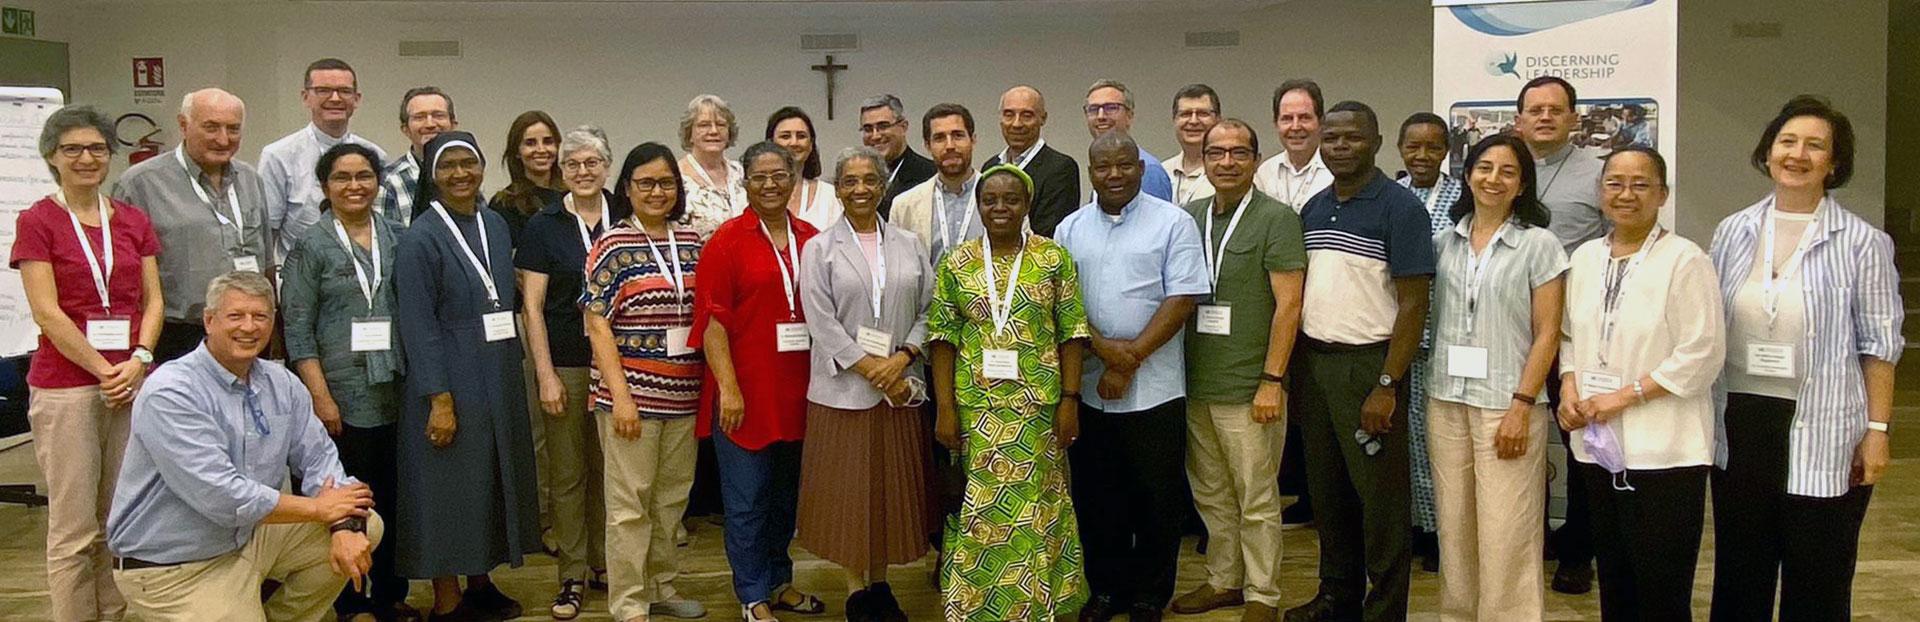 Il Programma di Leadership Discernente: un sostegno alla visione di Papa Francesco